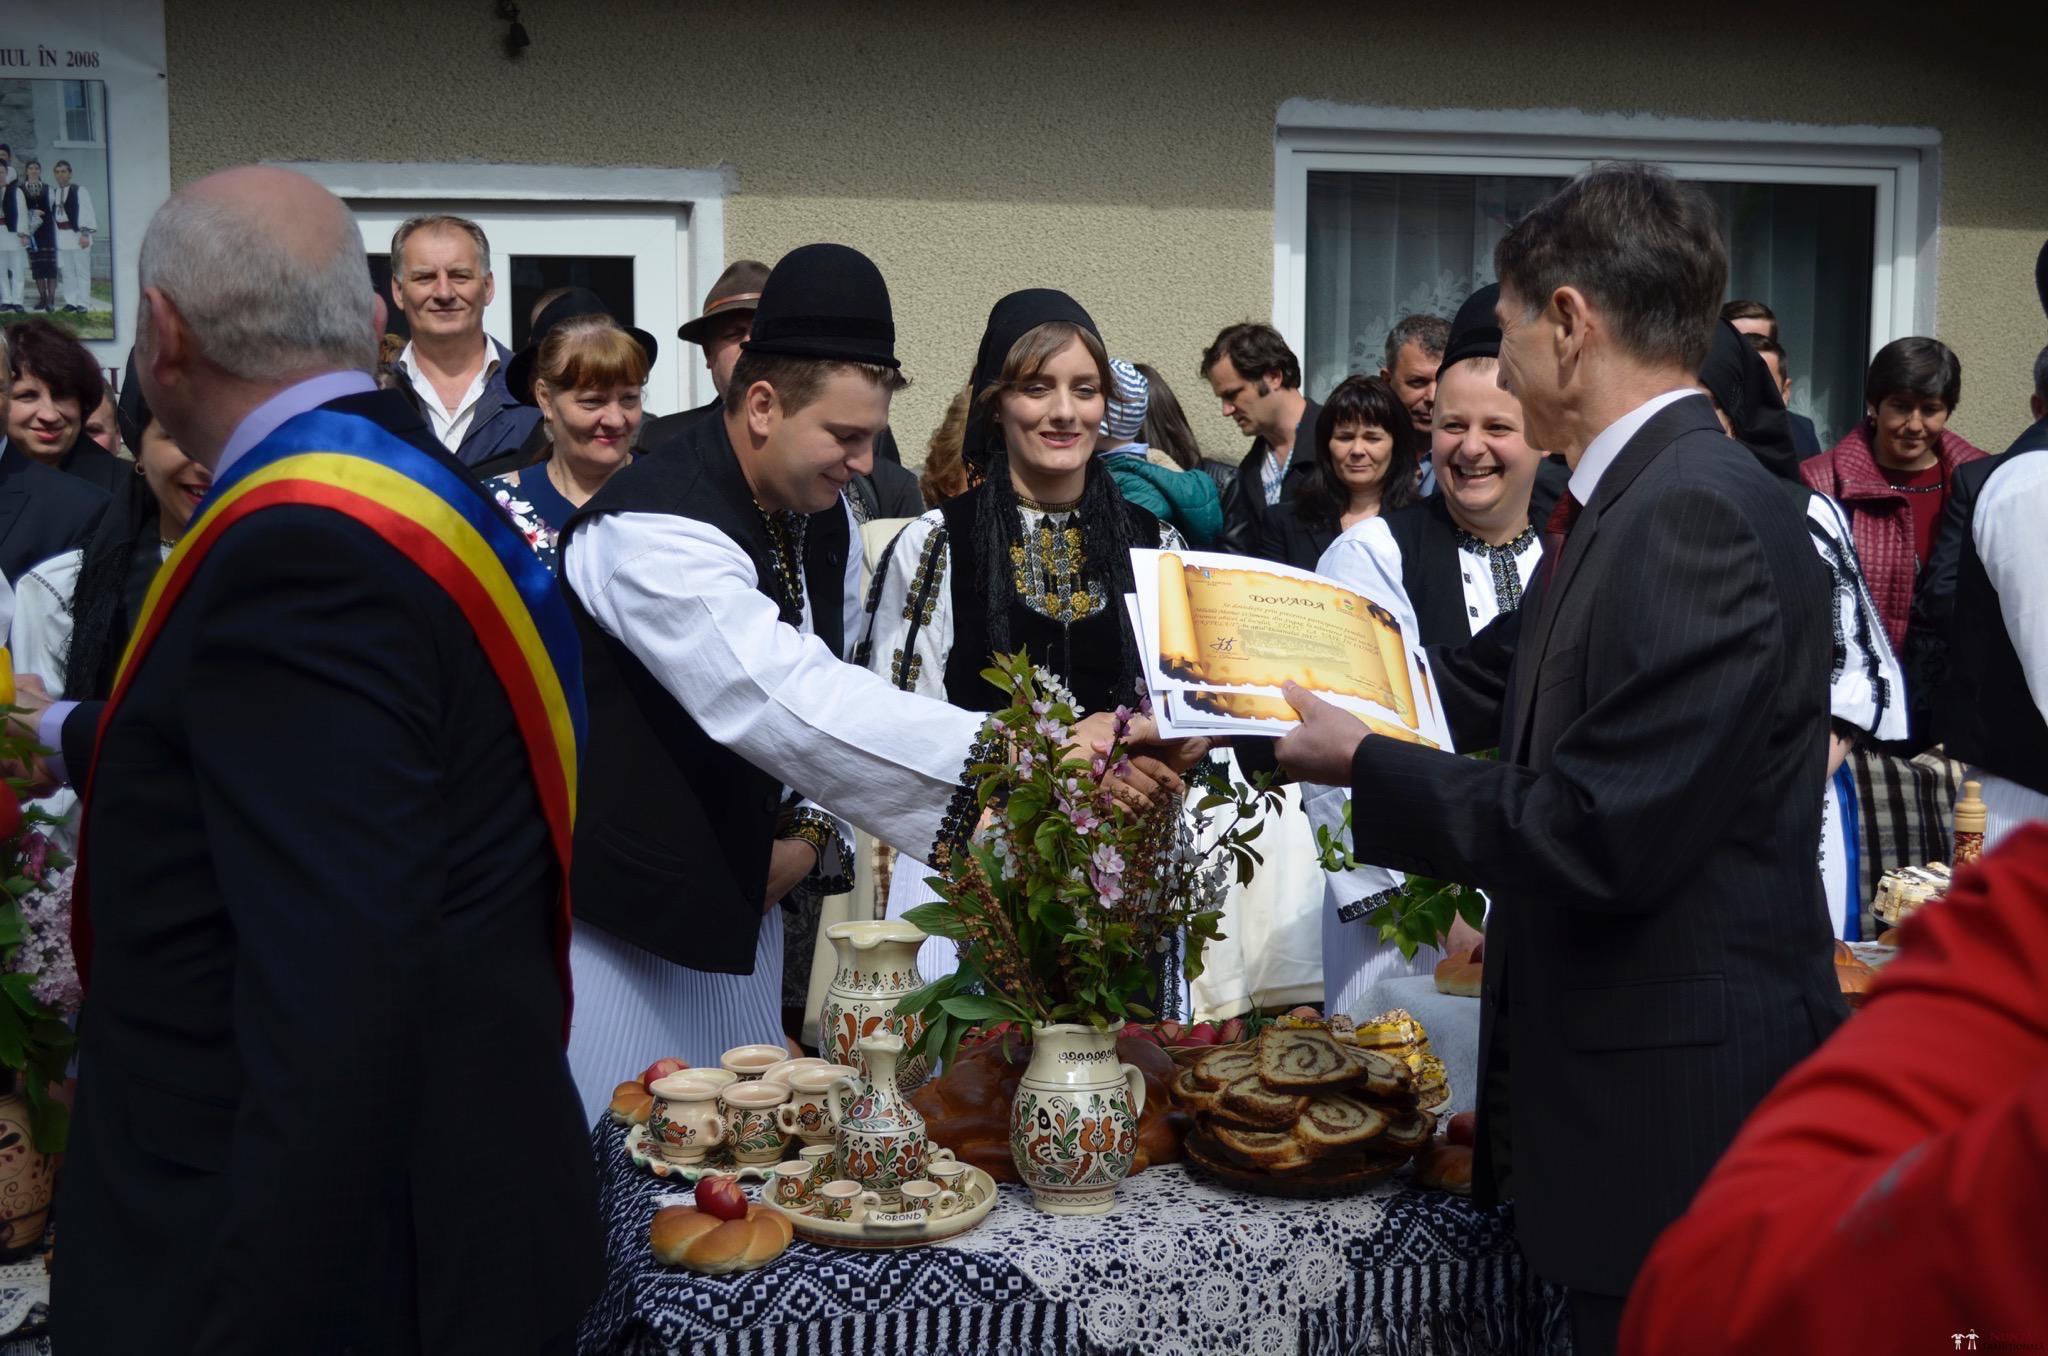 Povești Nunți Tradiționale - Constantin și Simona-Marilena. Nuntă tradițională în Căpâlna, Alba 72